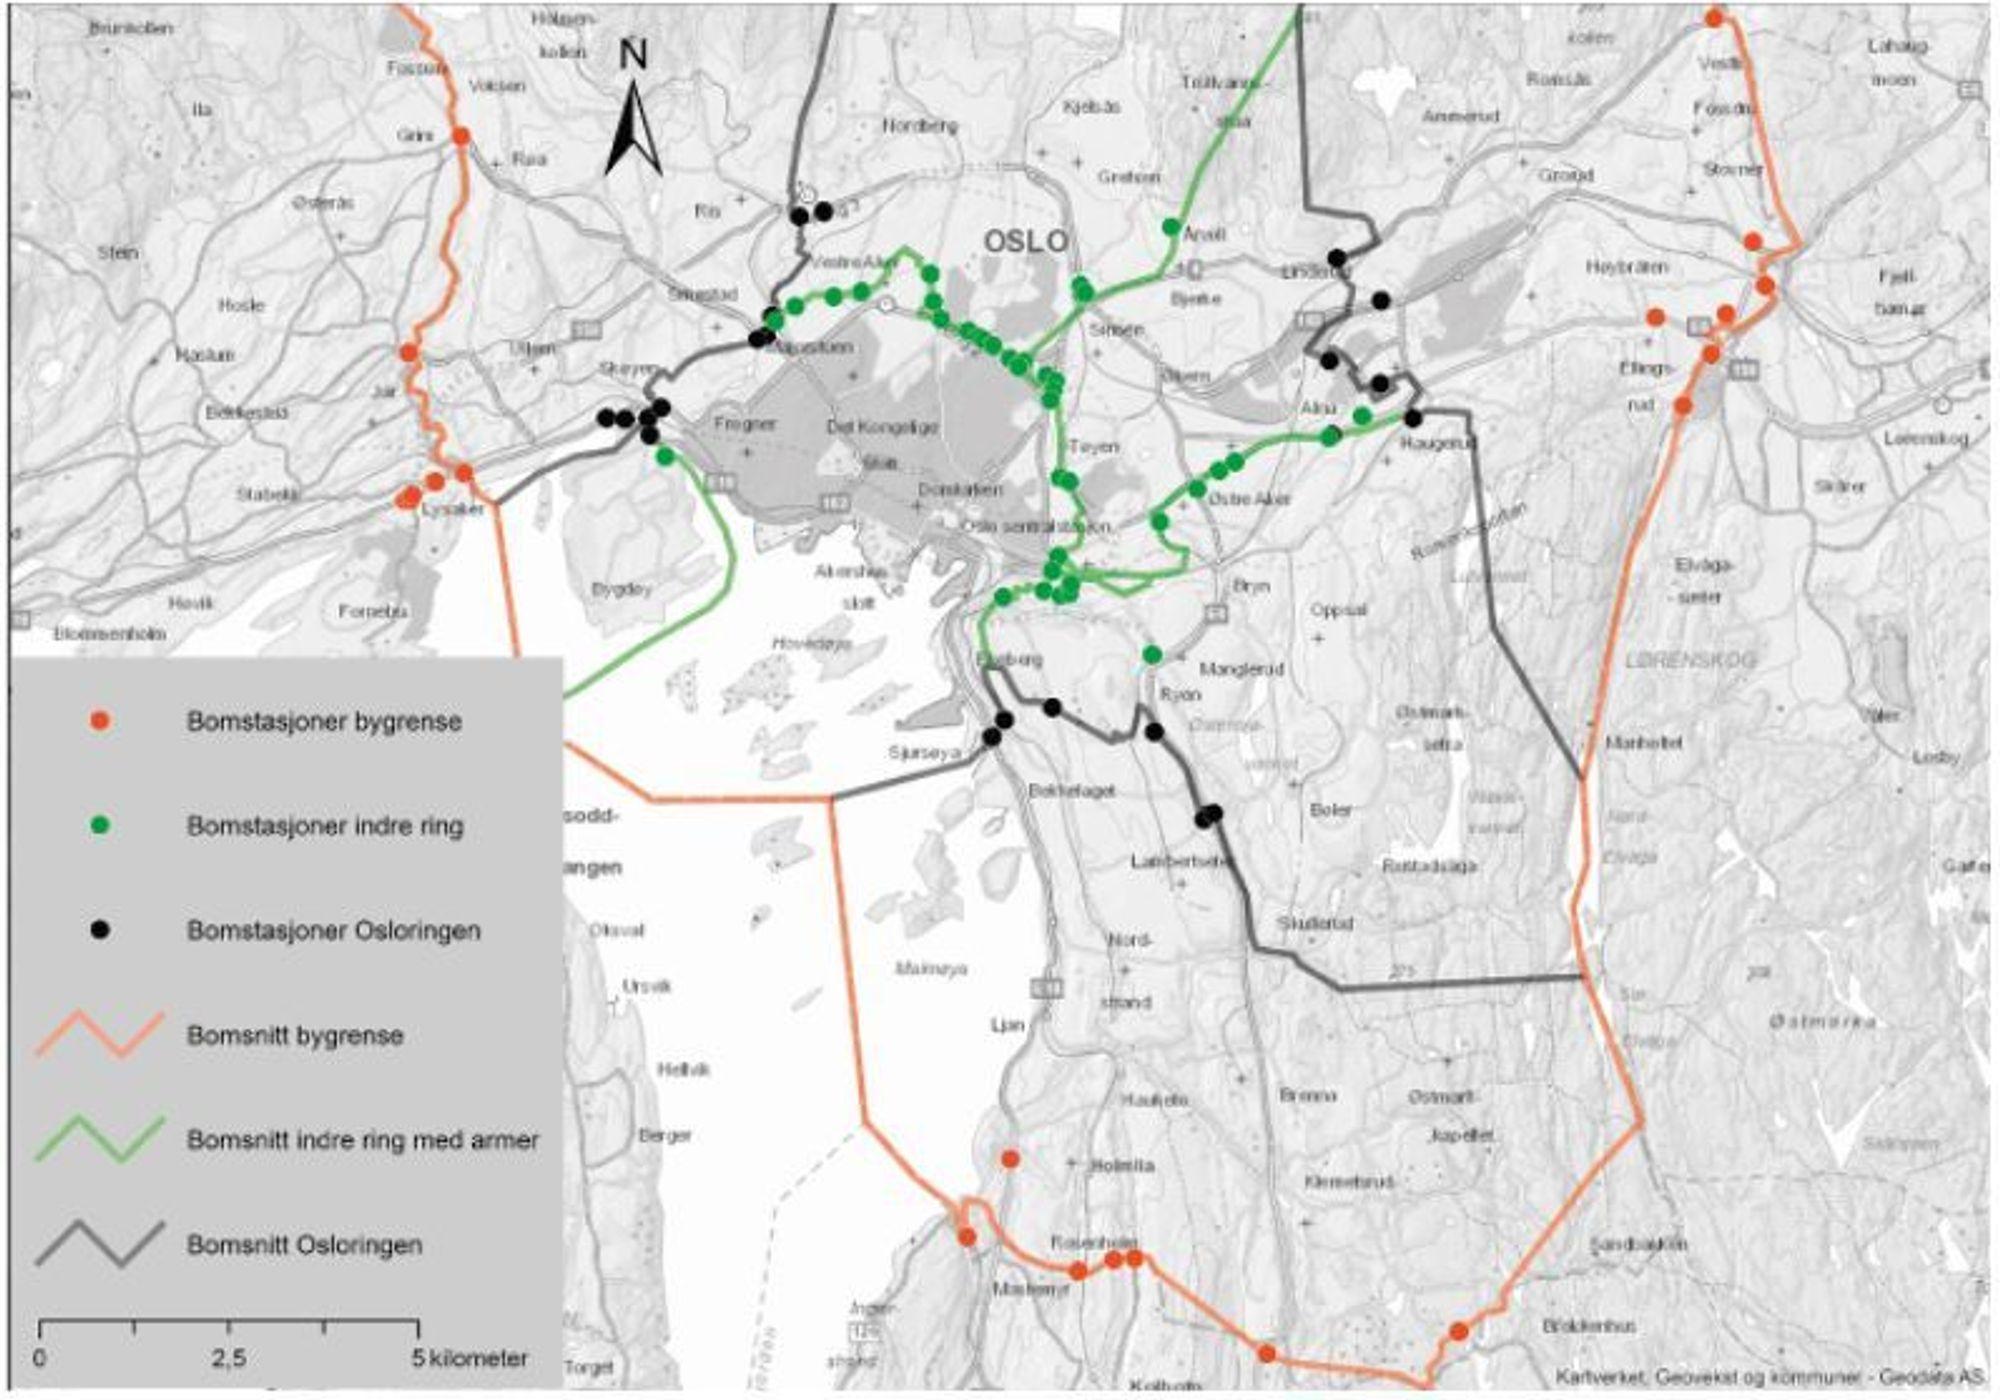 bomstasjoner oslo kart 29 bomstasjoner blir til 82 i Oslo og Akershus   Veier24.no bomstasjoner oslo kart